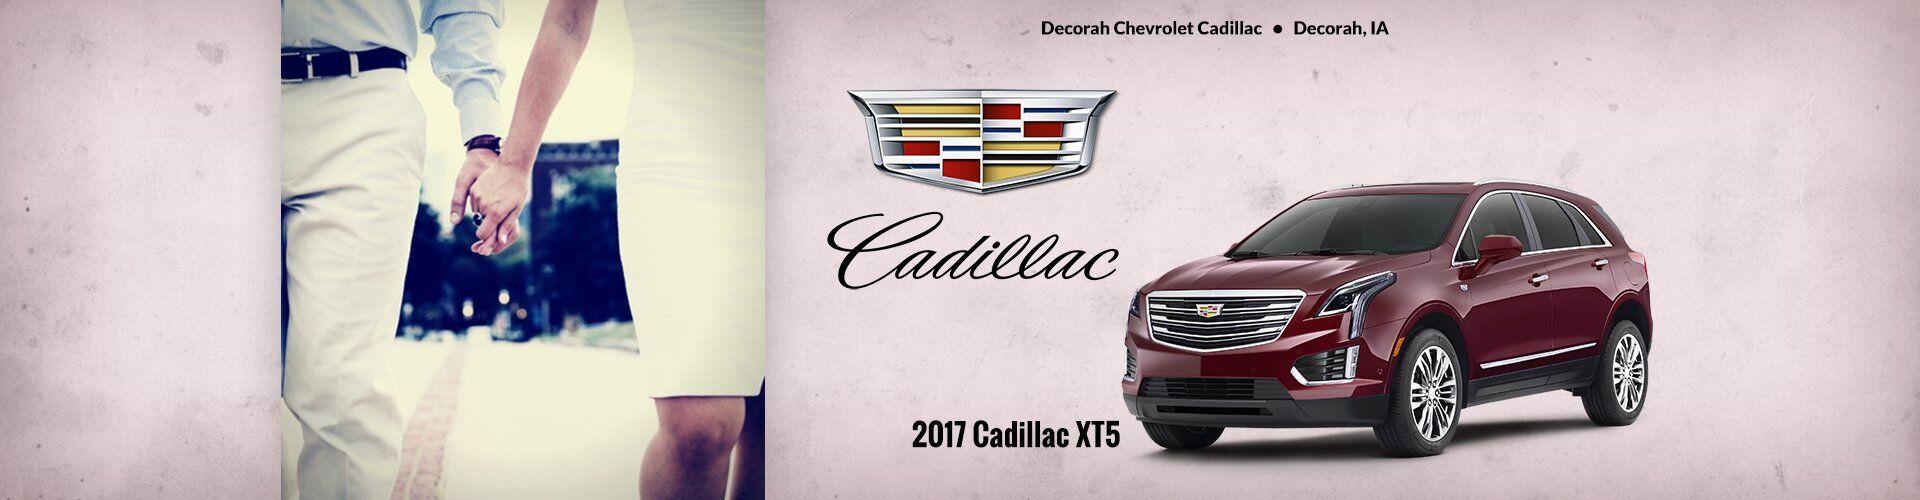 Decorah Car Dealerships